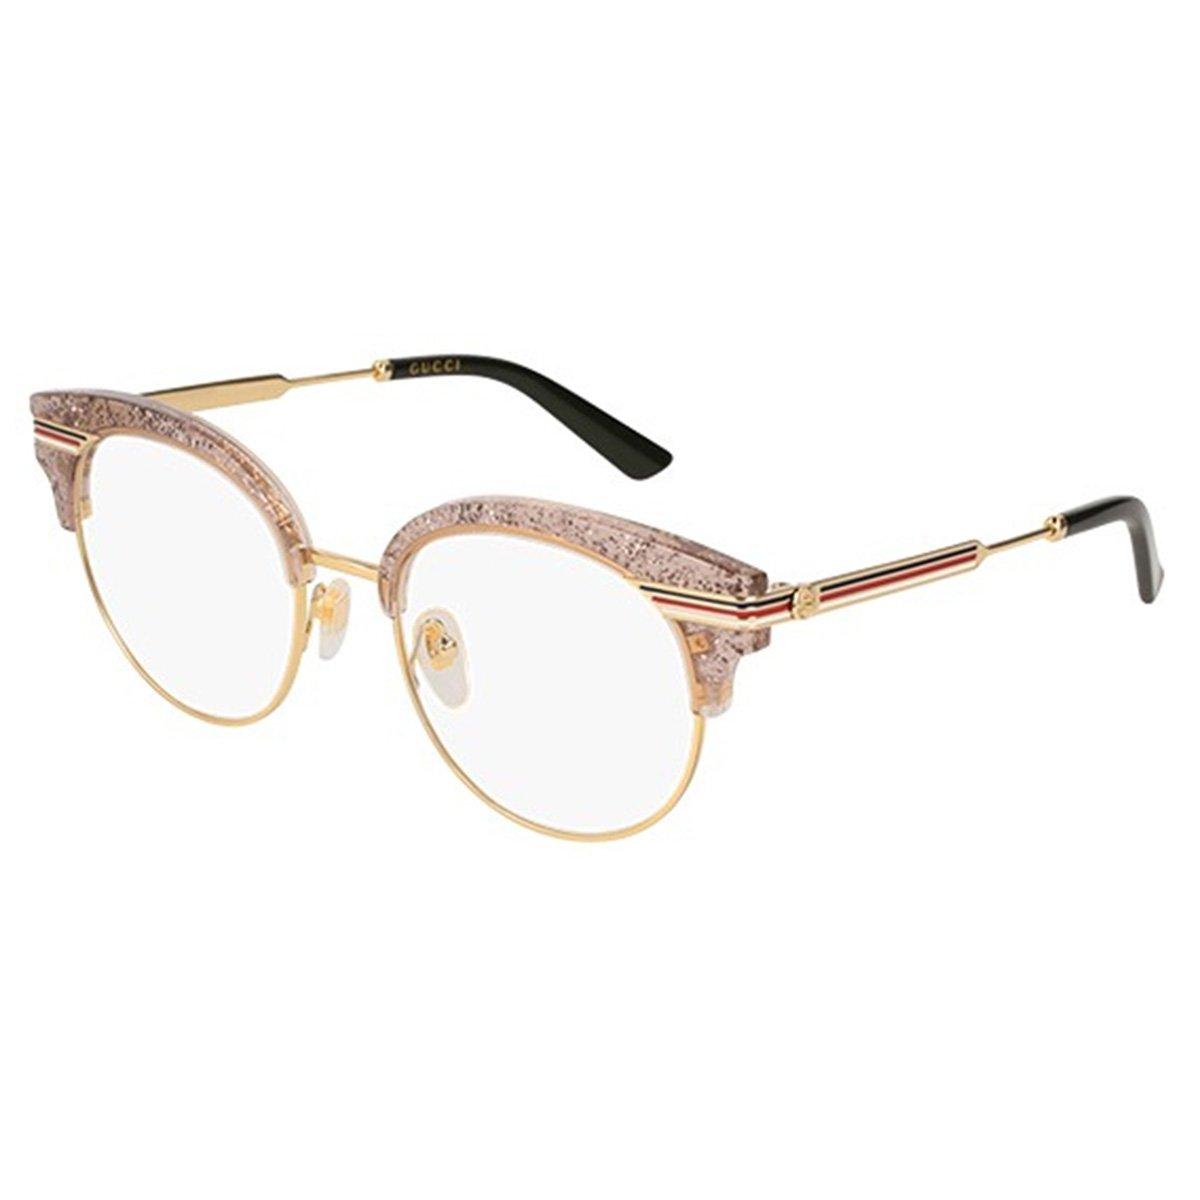 Compre Óculos de Grau Gucci em 10X   Tri-Jóia Shop e8fa7d731b